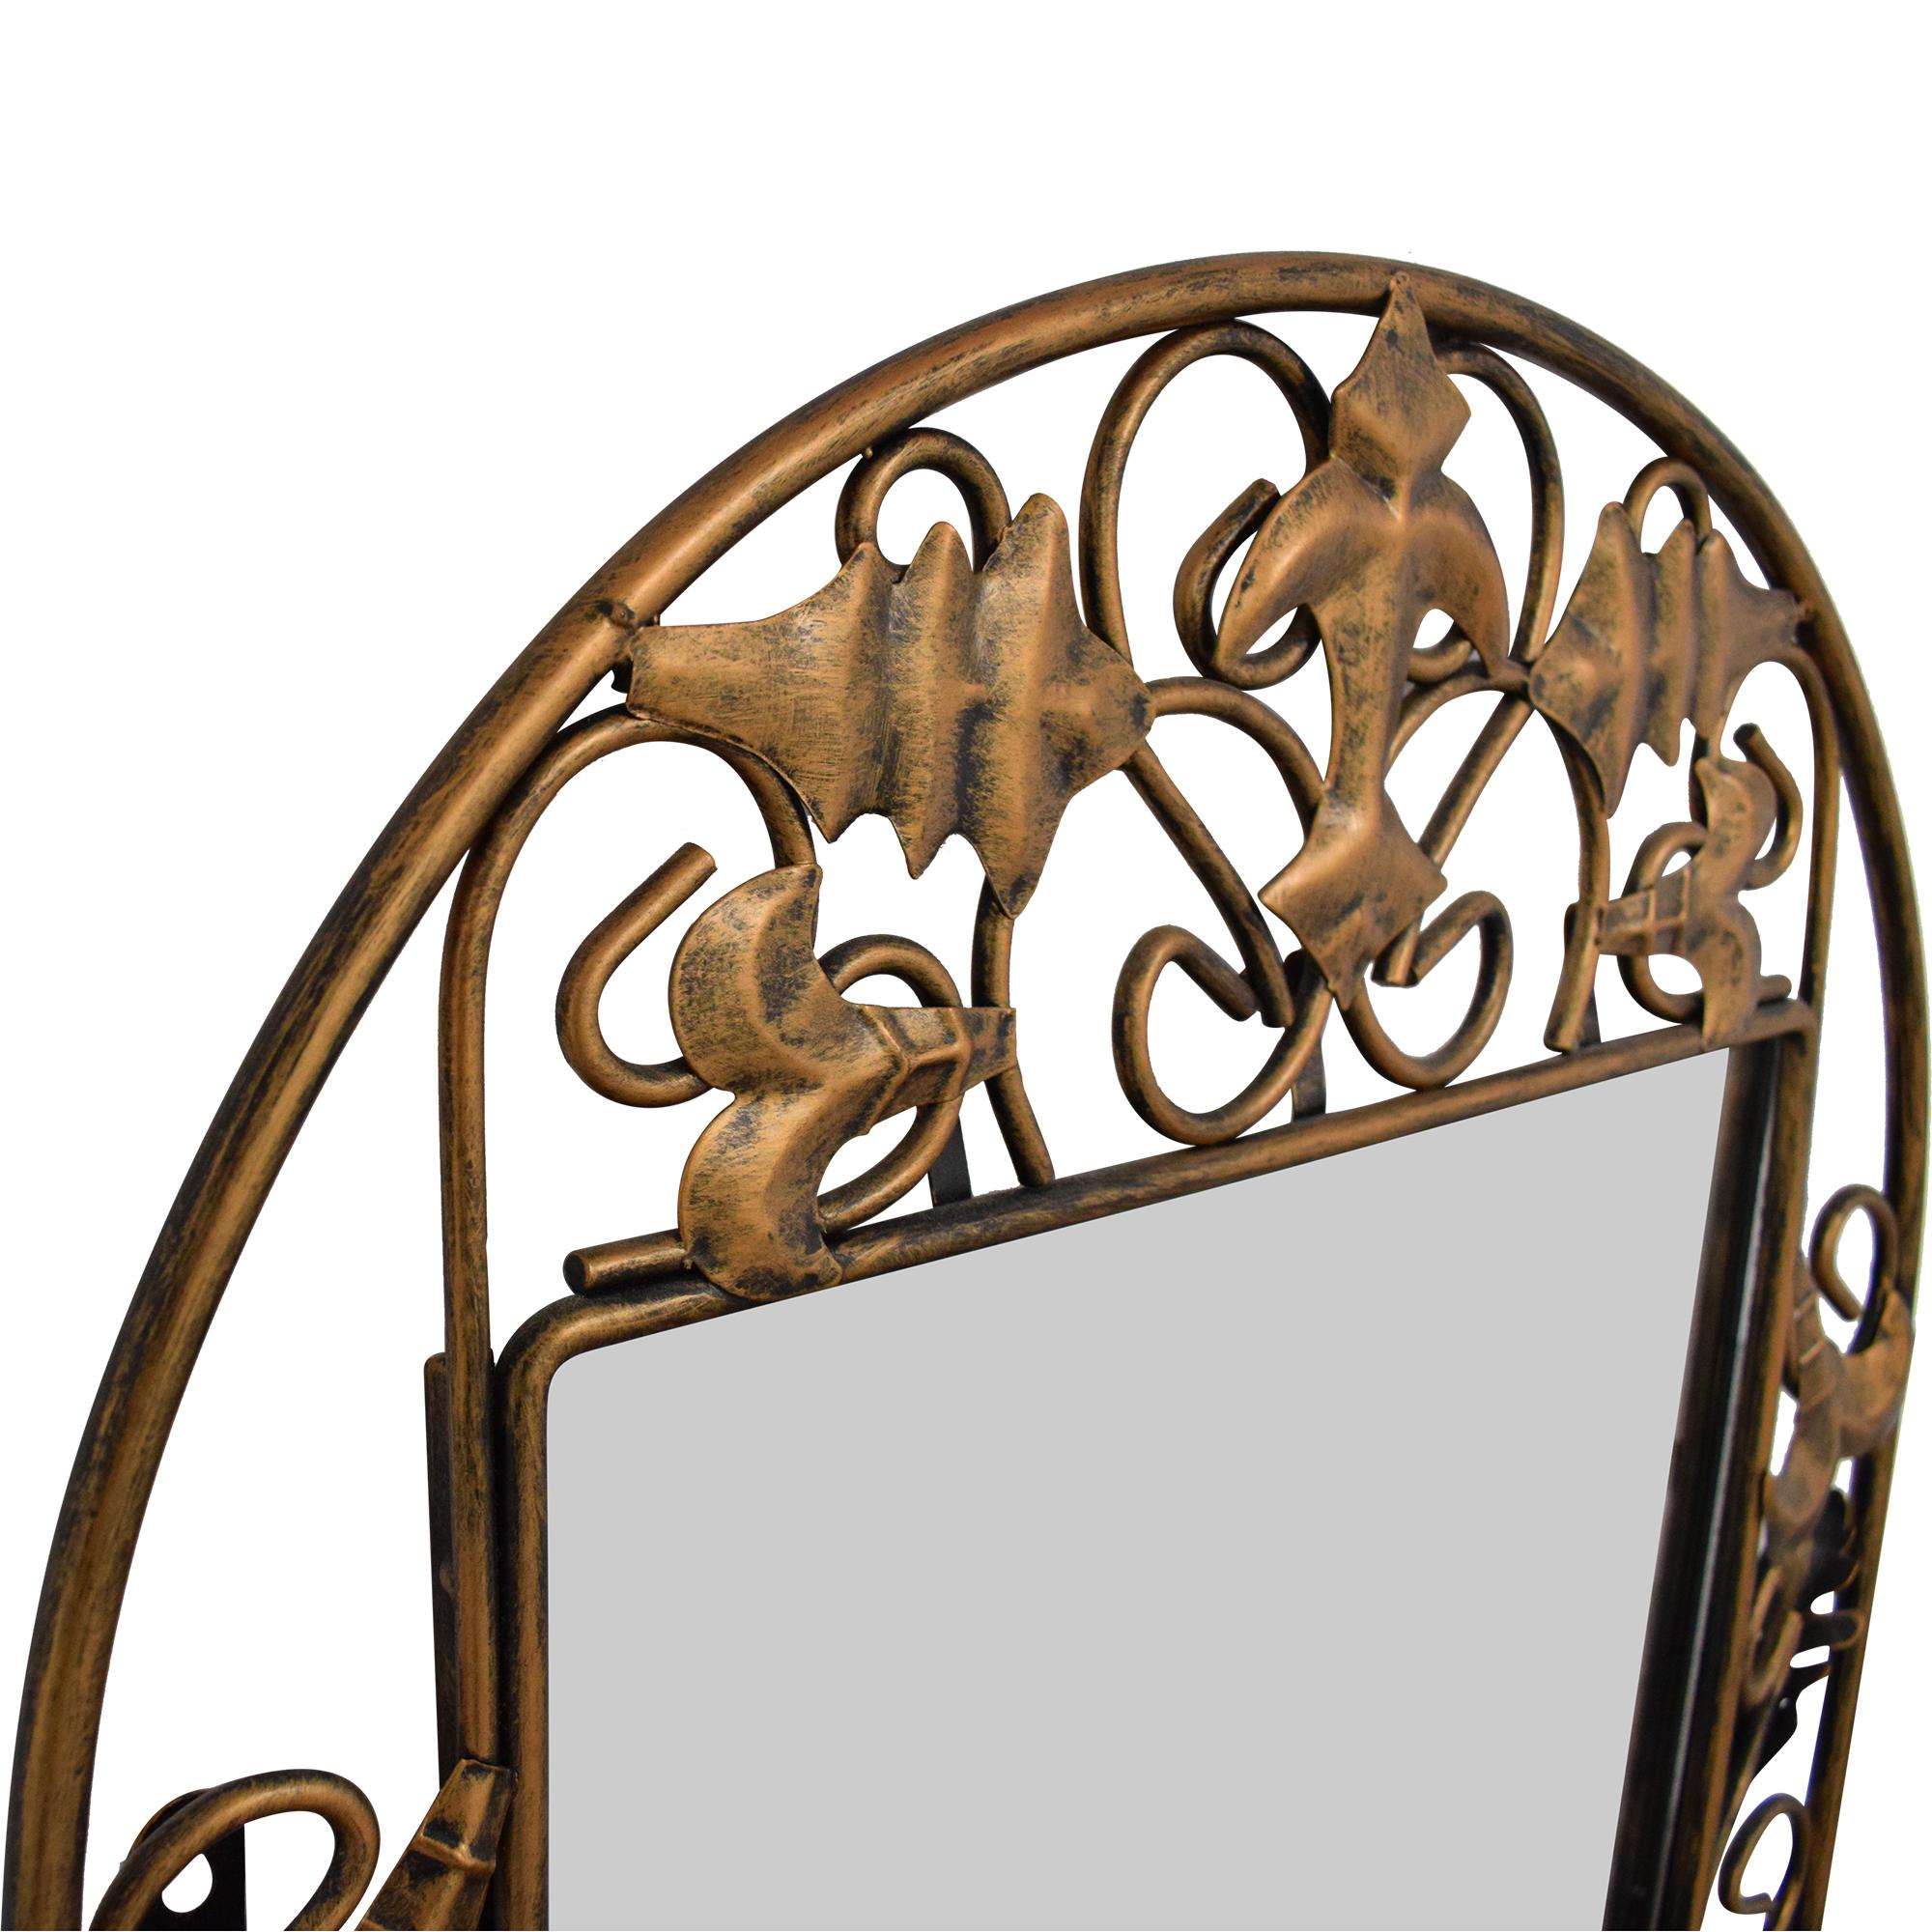 Anthropologie Anthropologie Decorative Arch Mirror ct